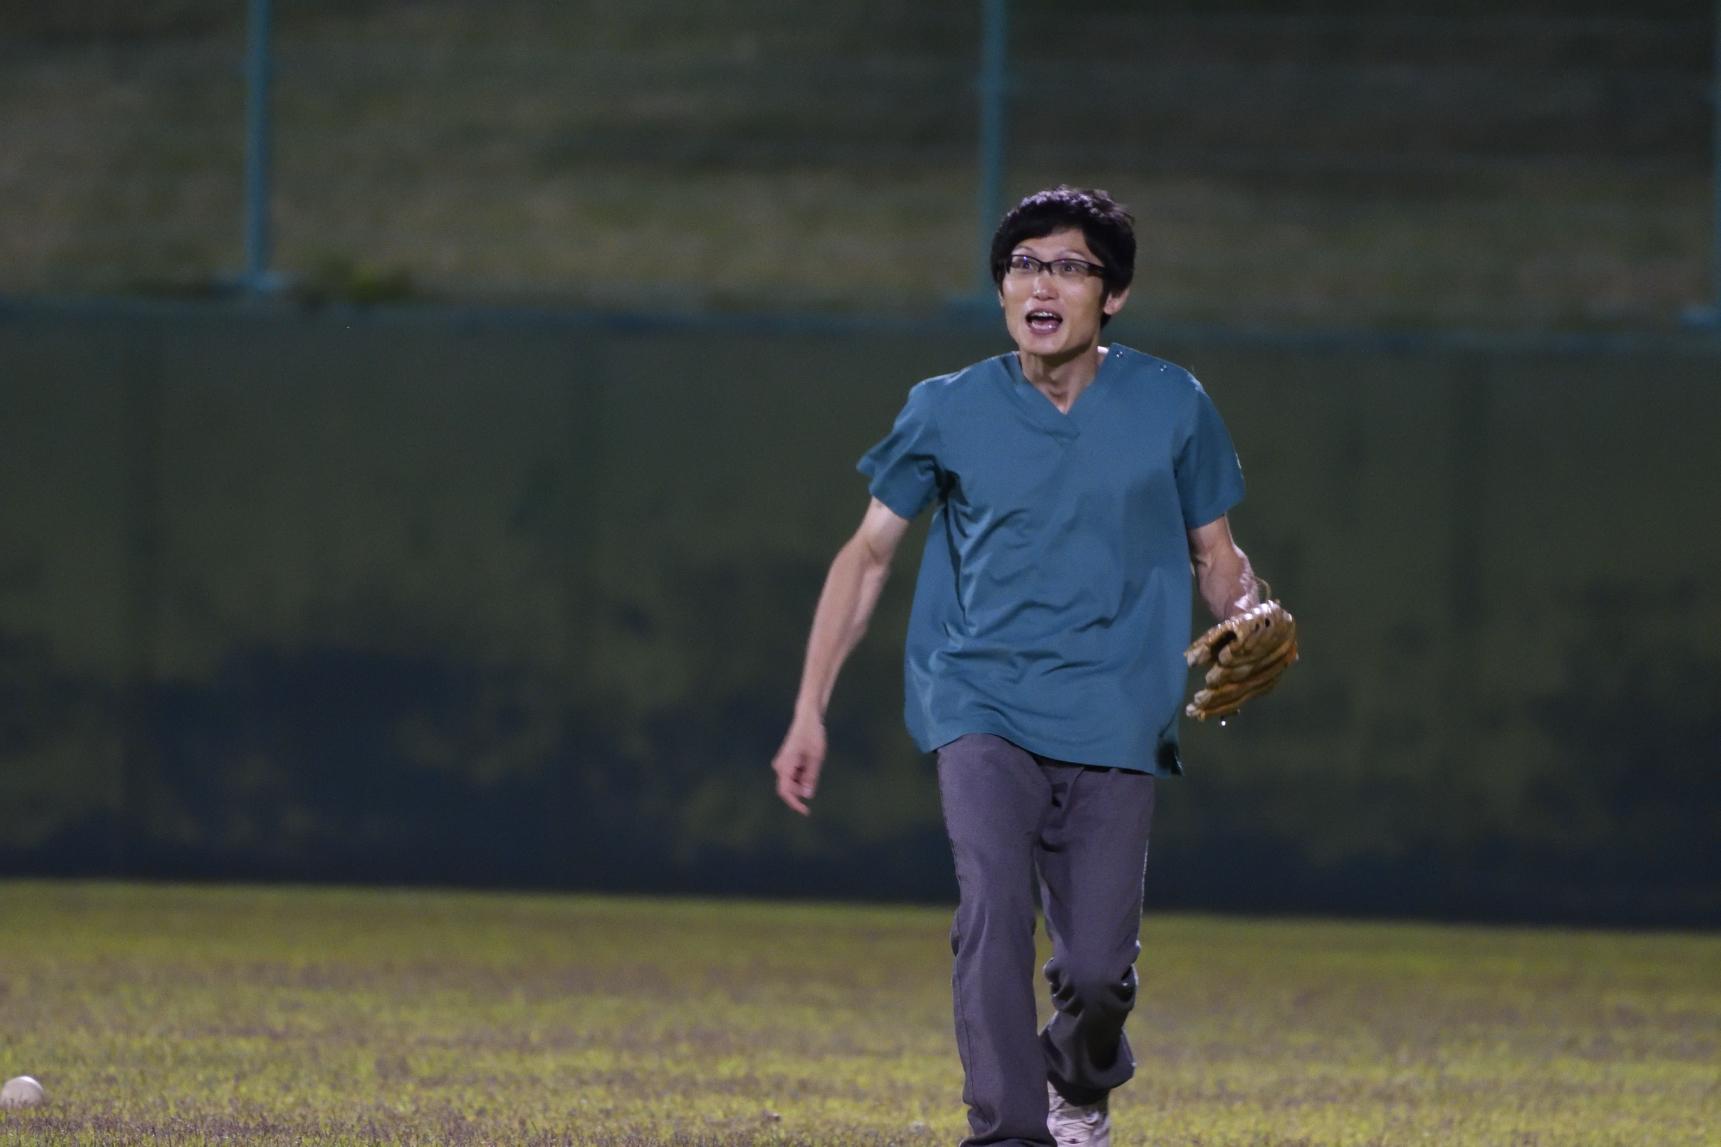 この日、小倉先生は野球の魅力に取り憑かれました